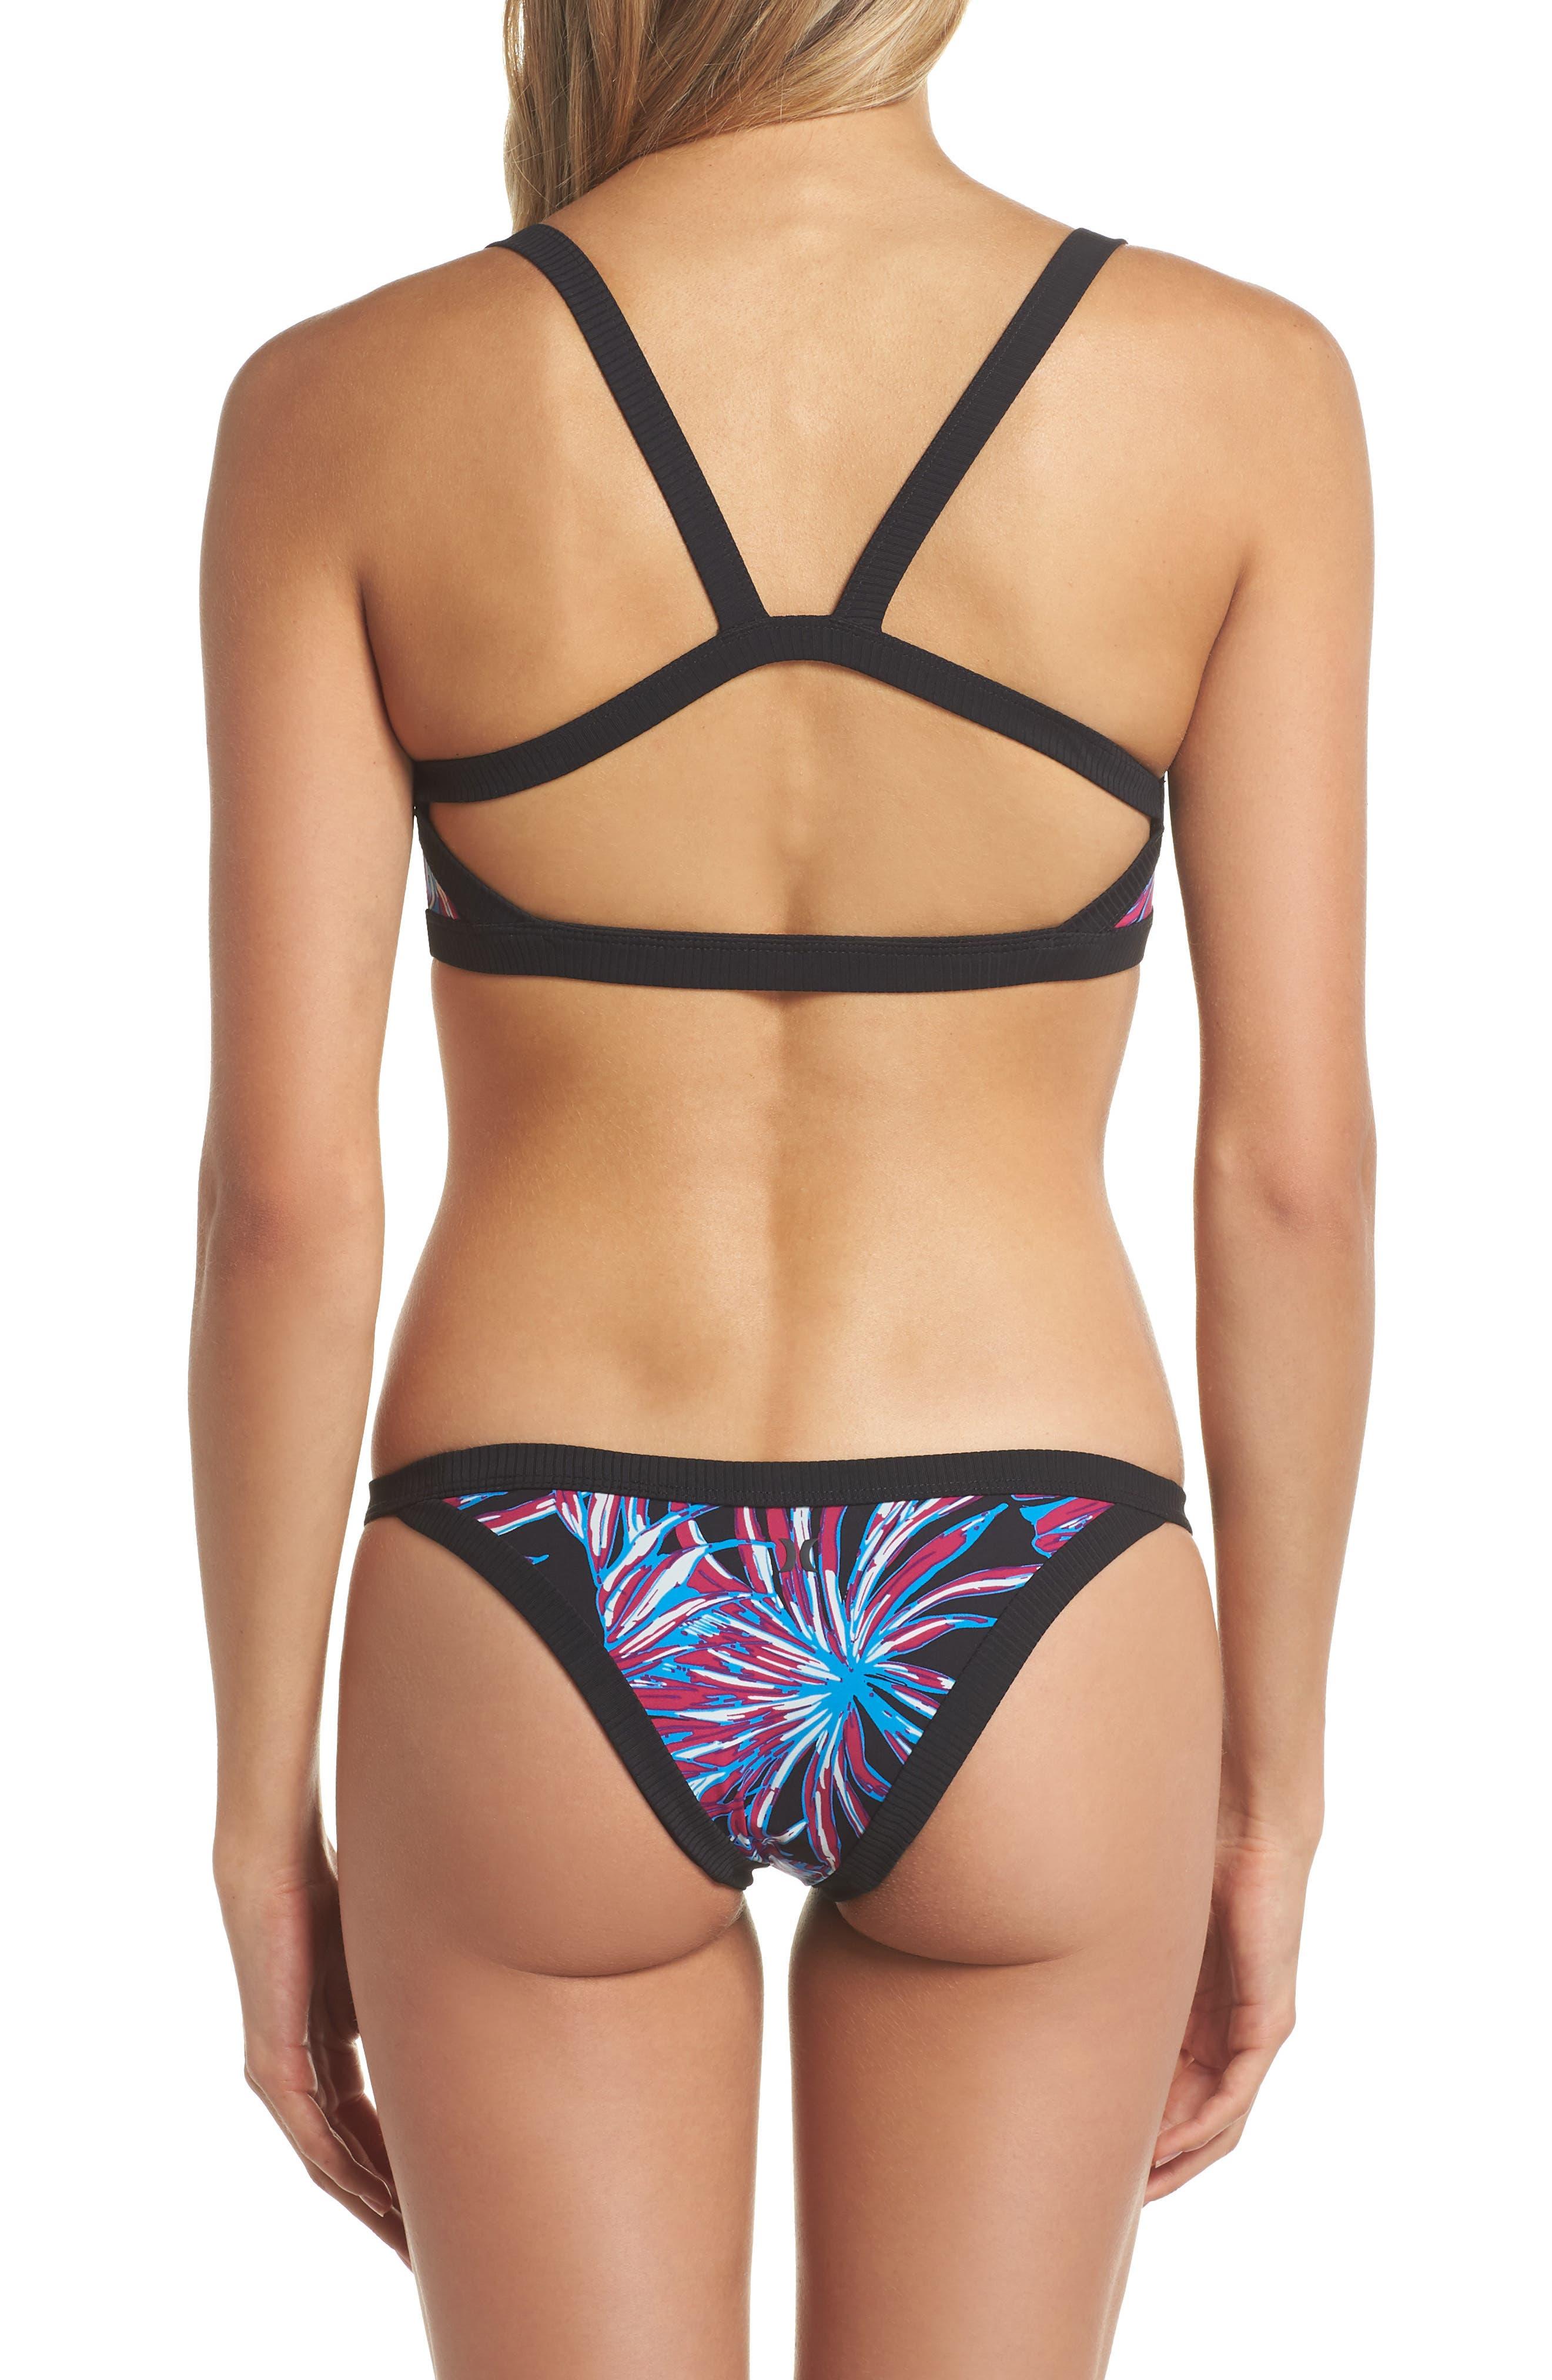 Koko Quick Dry Bikini Bottoms,                             Alternate thumbnail 8, color,                             BLACK